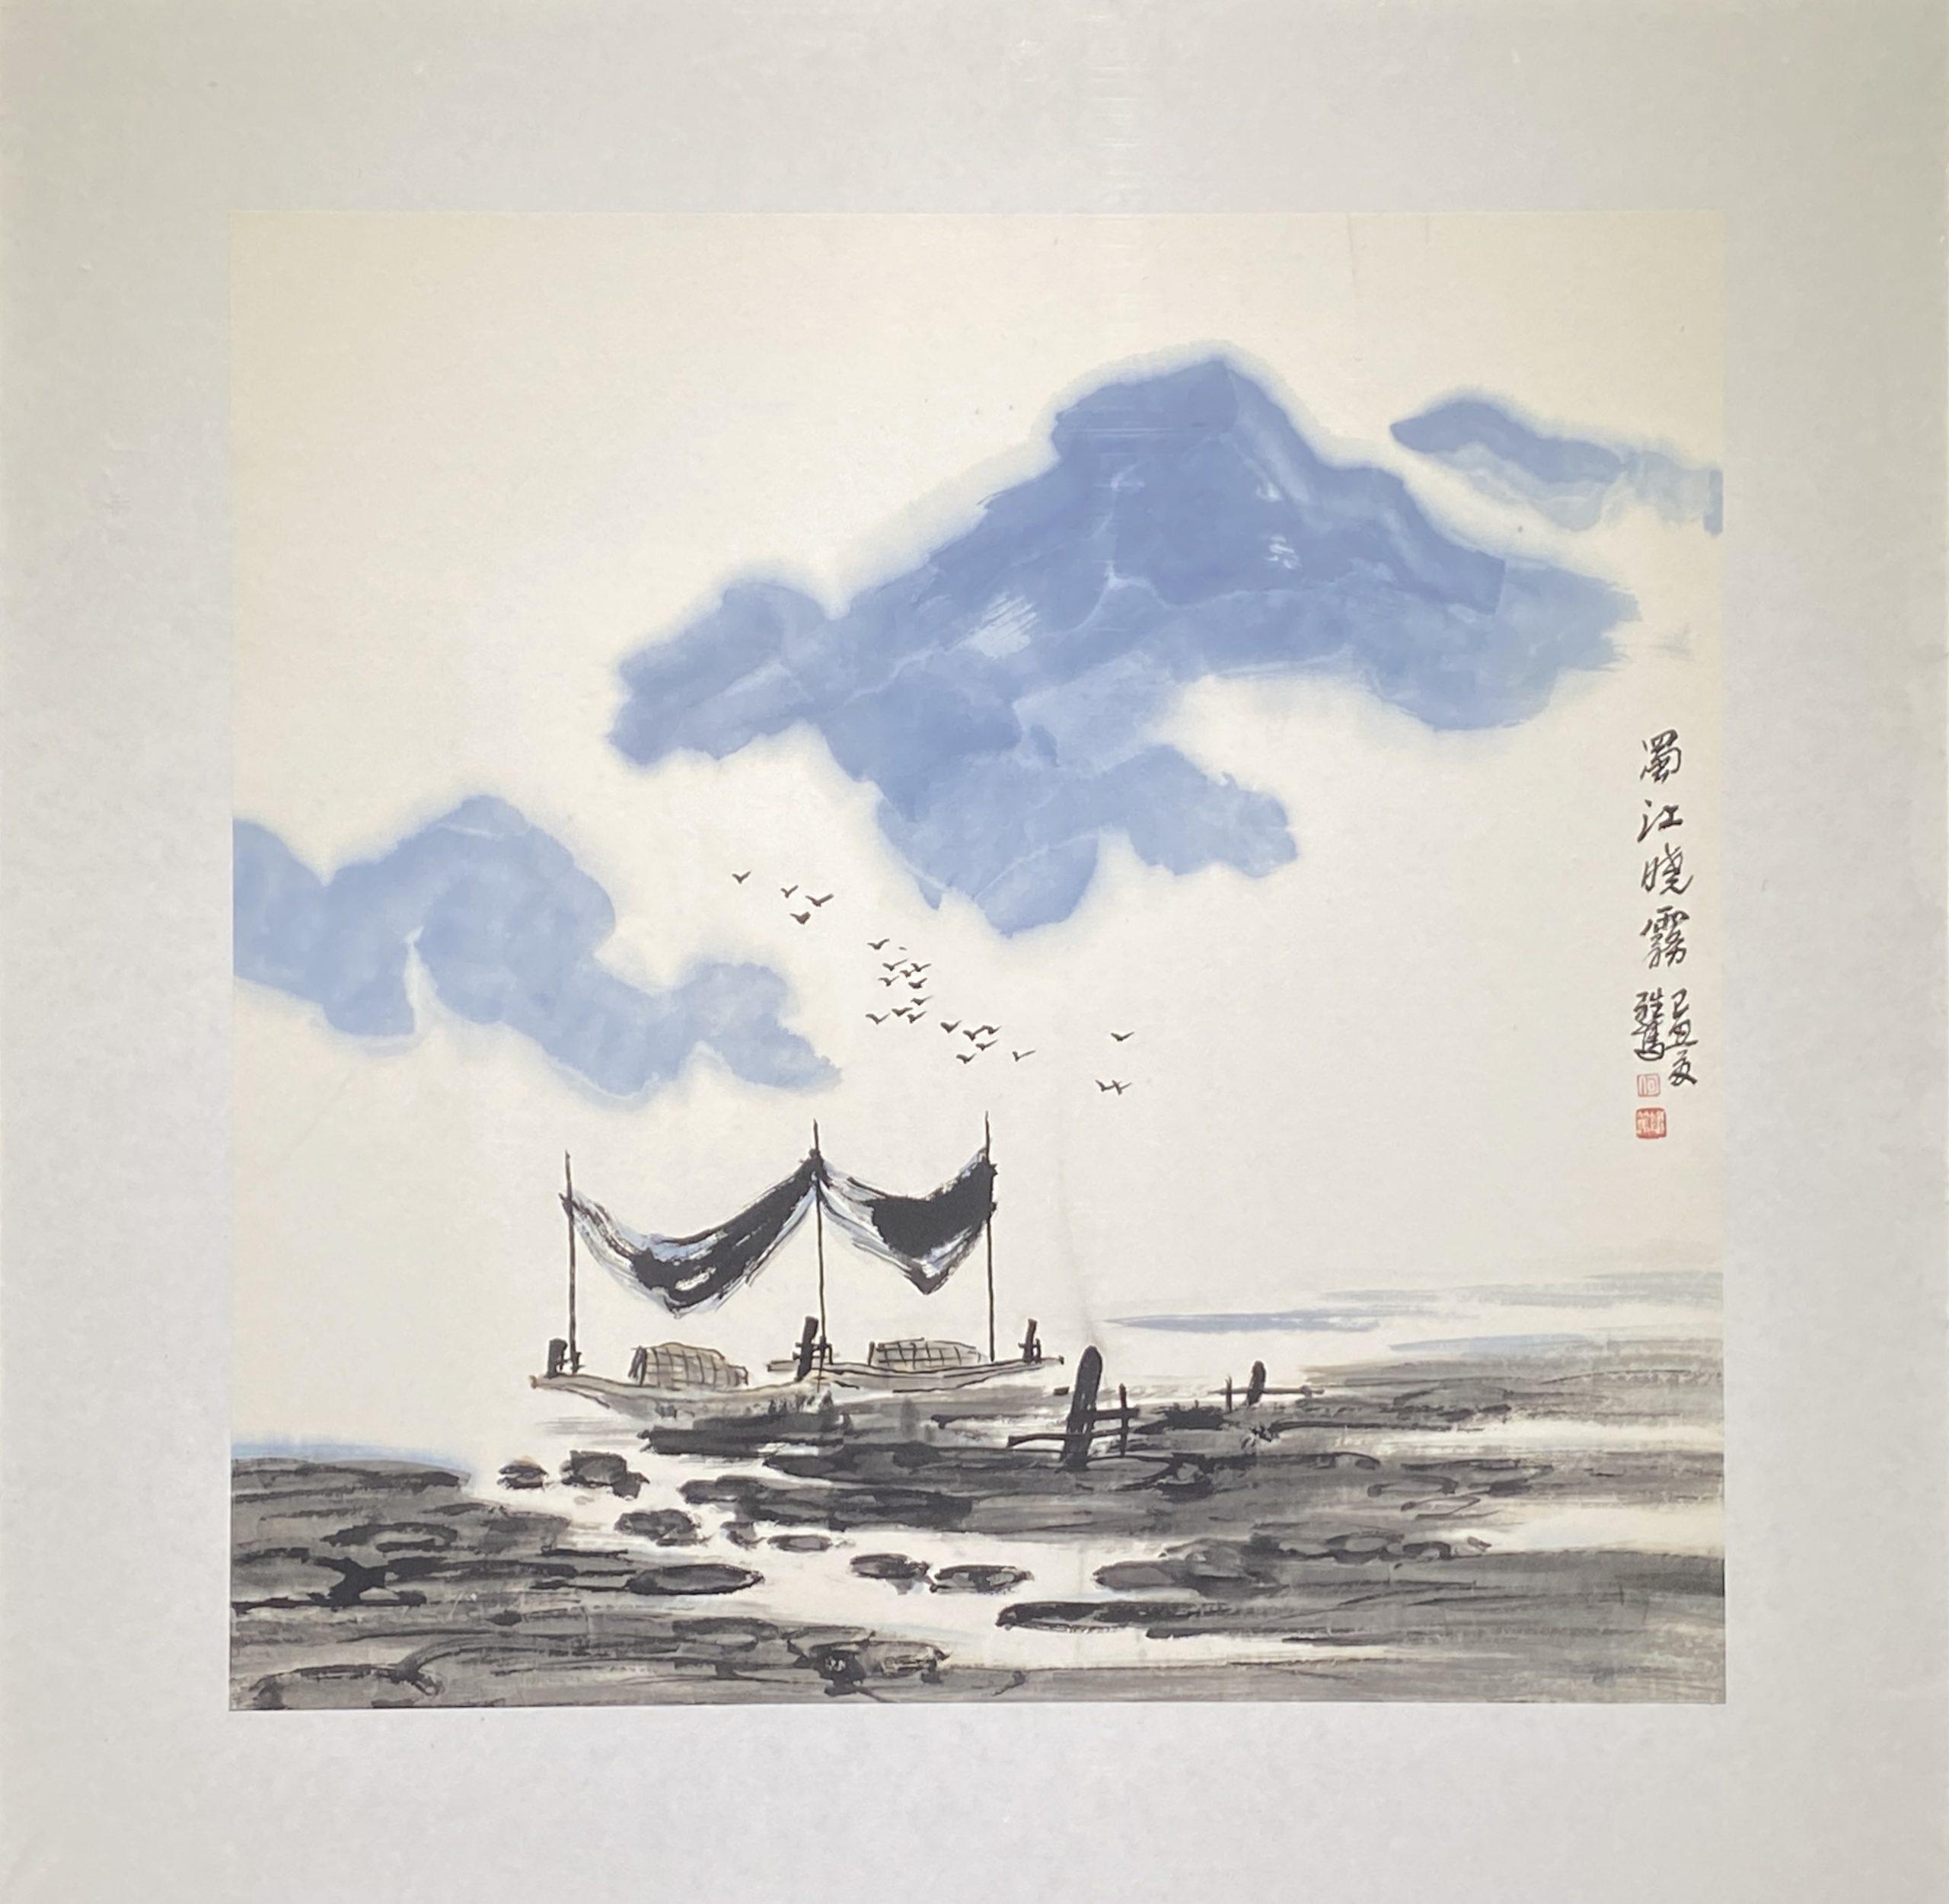 蜀江の暁霧-2018-中国画-137×70cm-「丹青を振りかけ、詩情を送る-何継篤個人書画展」成都市美術館